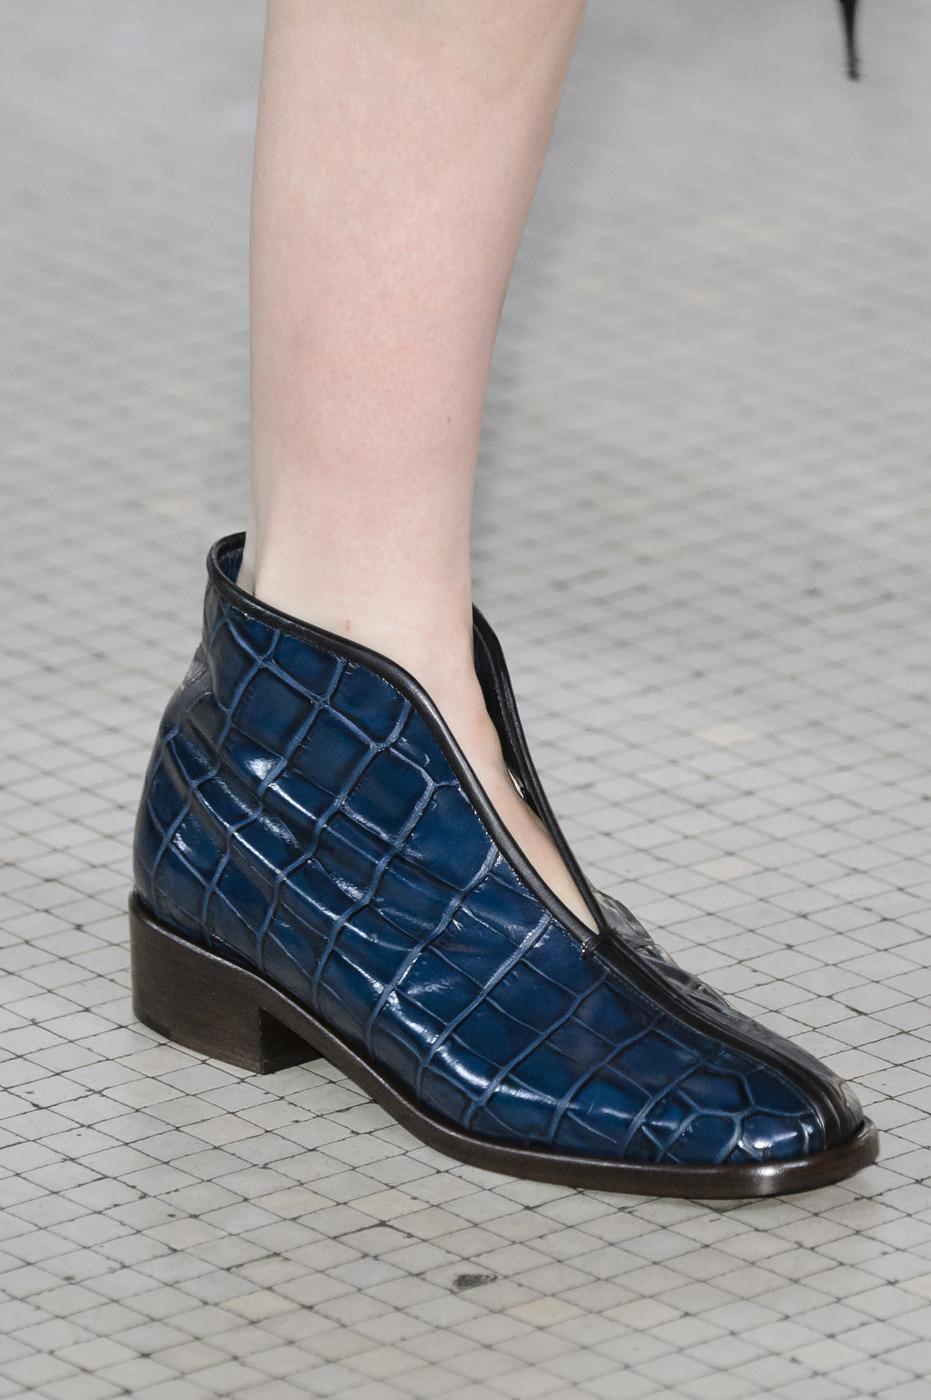 vivido e di grande stile grande liquidazione modelli alla moda Rosso Venezia Calzature - Made in Italy luxury footwear